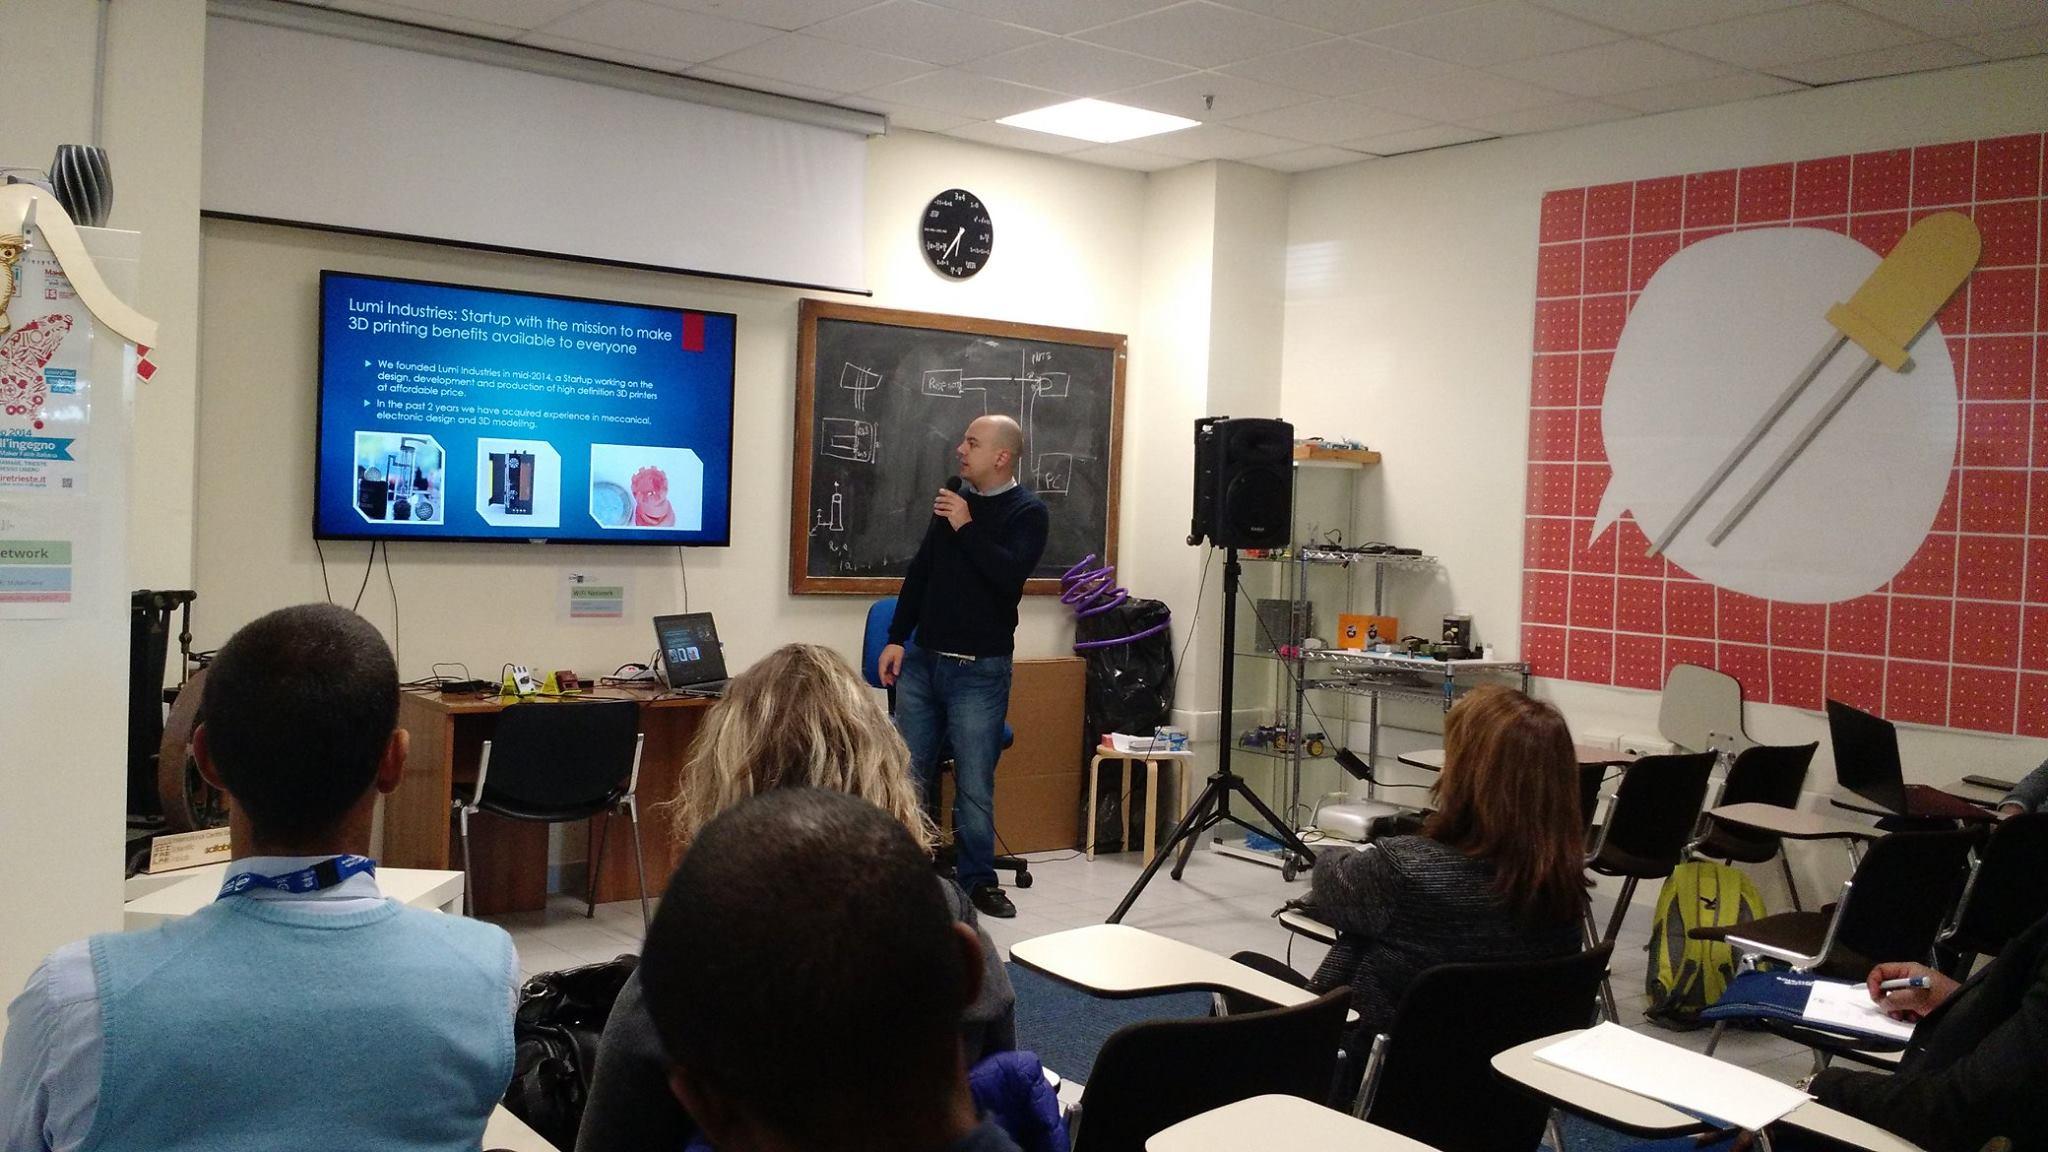 """Presentazione di progetti Lumi Industries al Congresso Internazionale """"Science Dissemination for Disables"""" presso  ICTP: International Centre for Theoretical Physics ."""